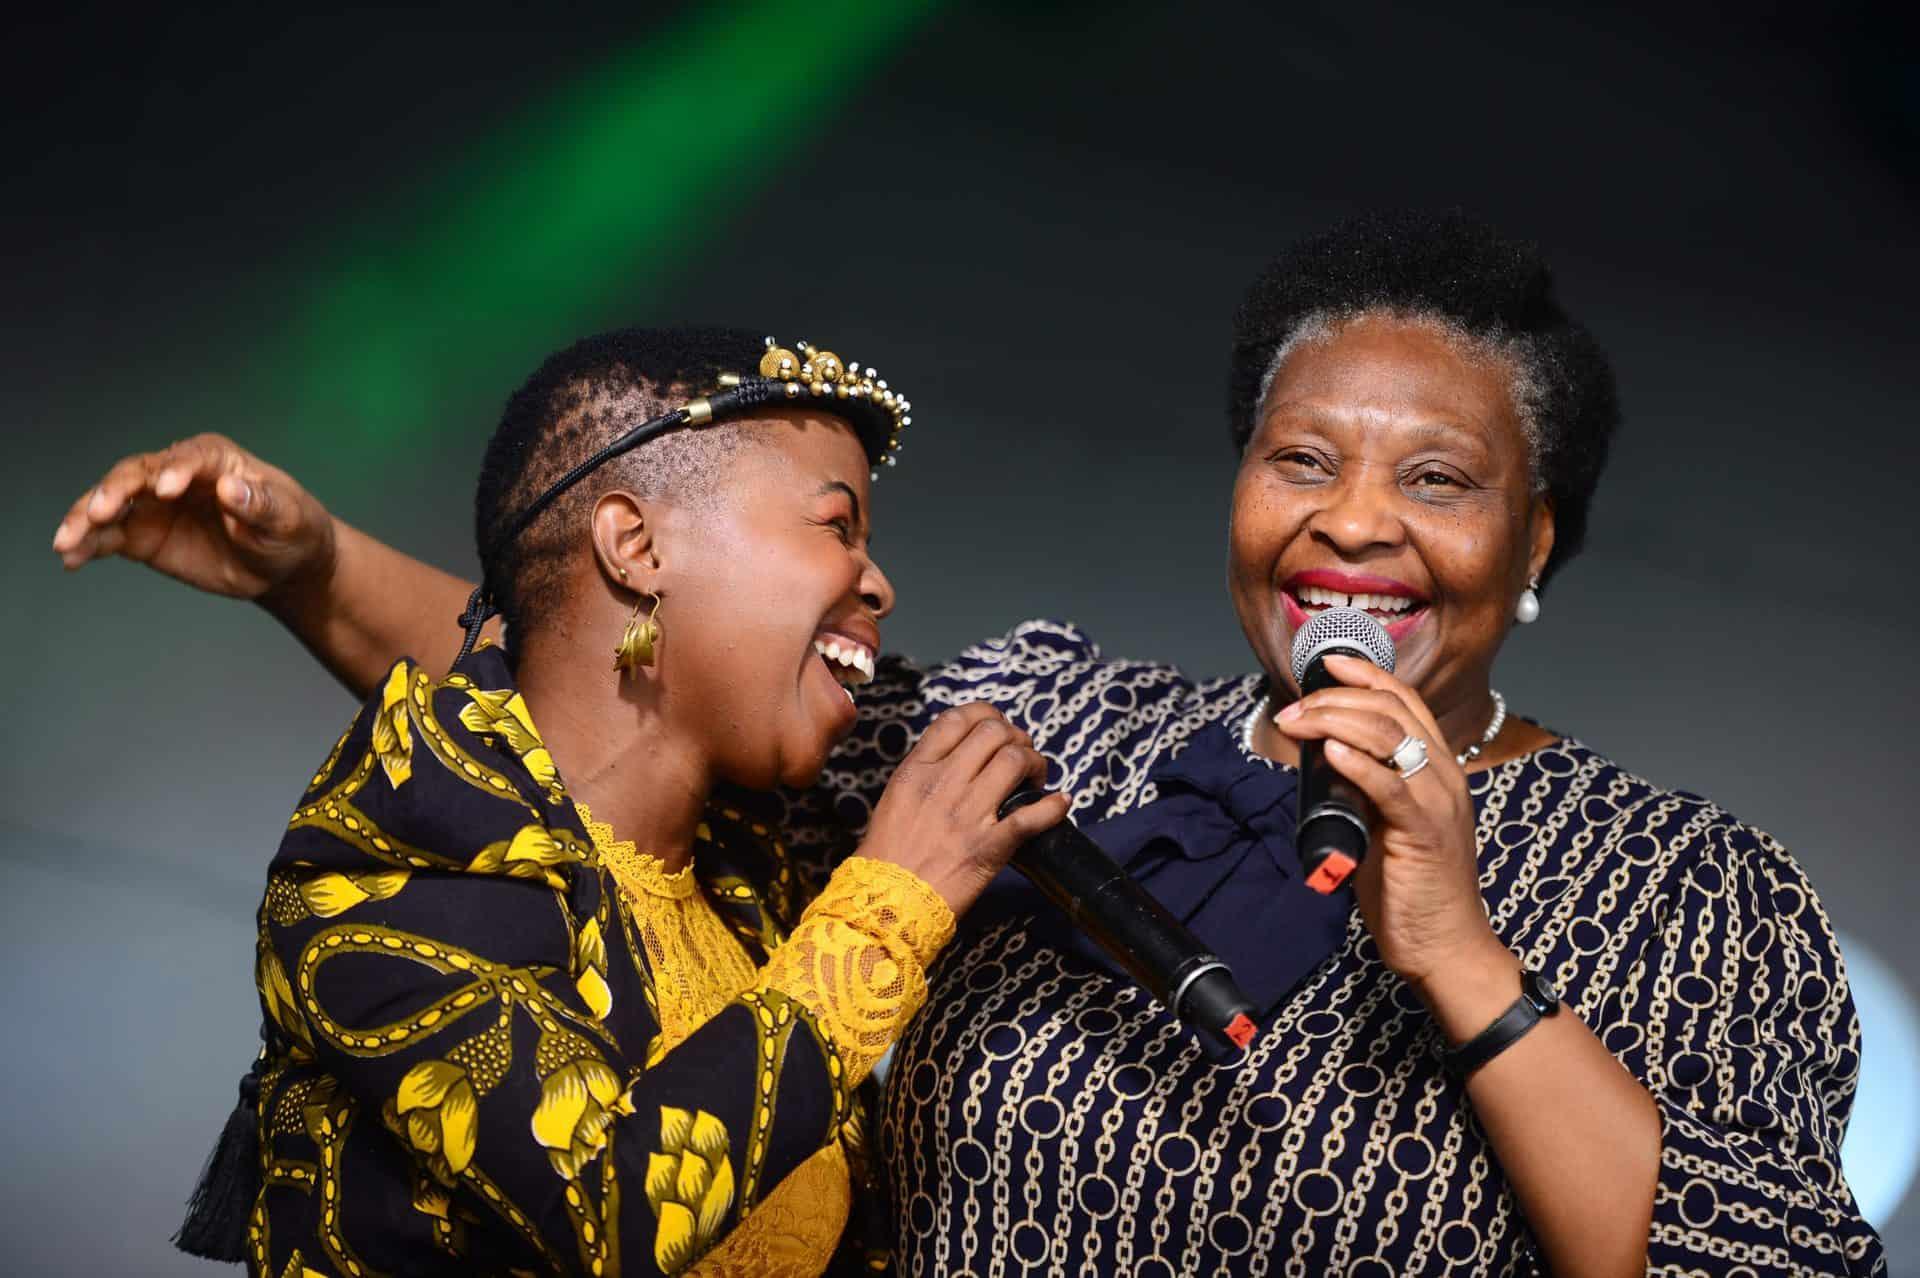 AMPD Yvonne Chaka Chaka & Zolani Mahola